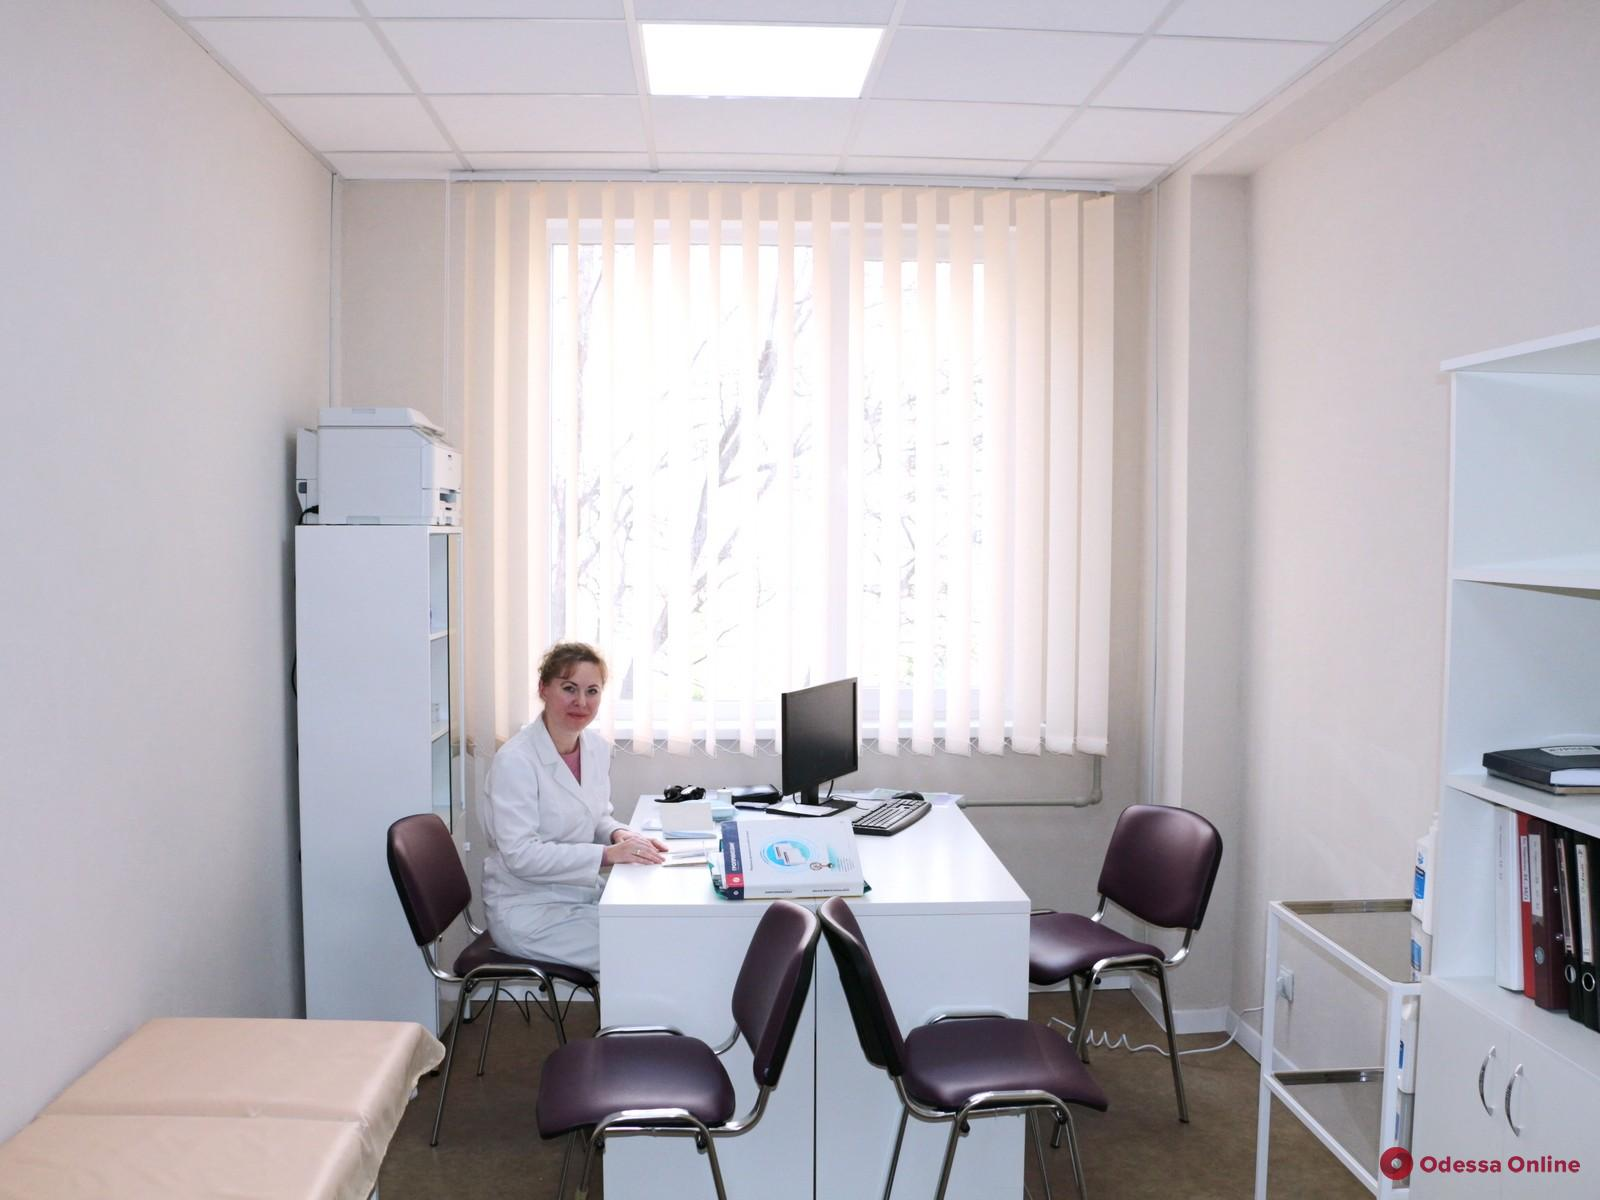 Одесса: на Левитана капитально отремонтировали семейную амбулаторию